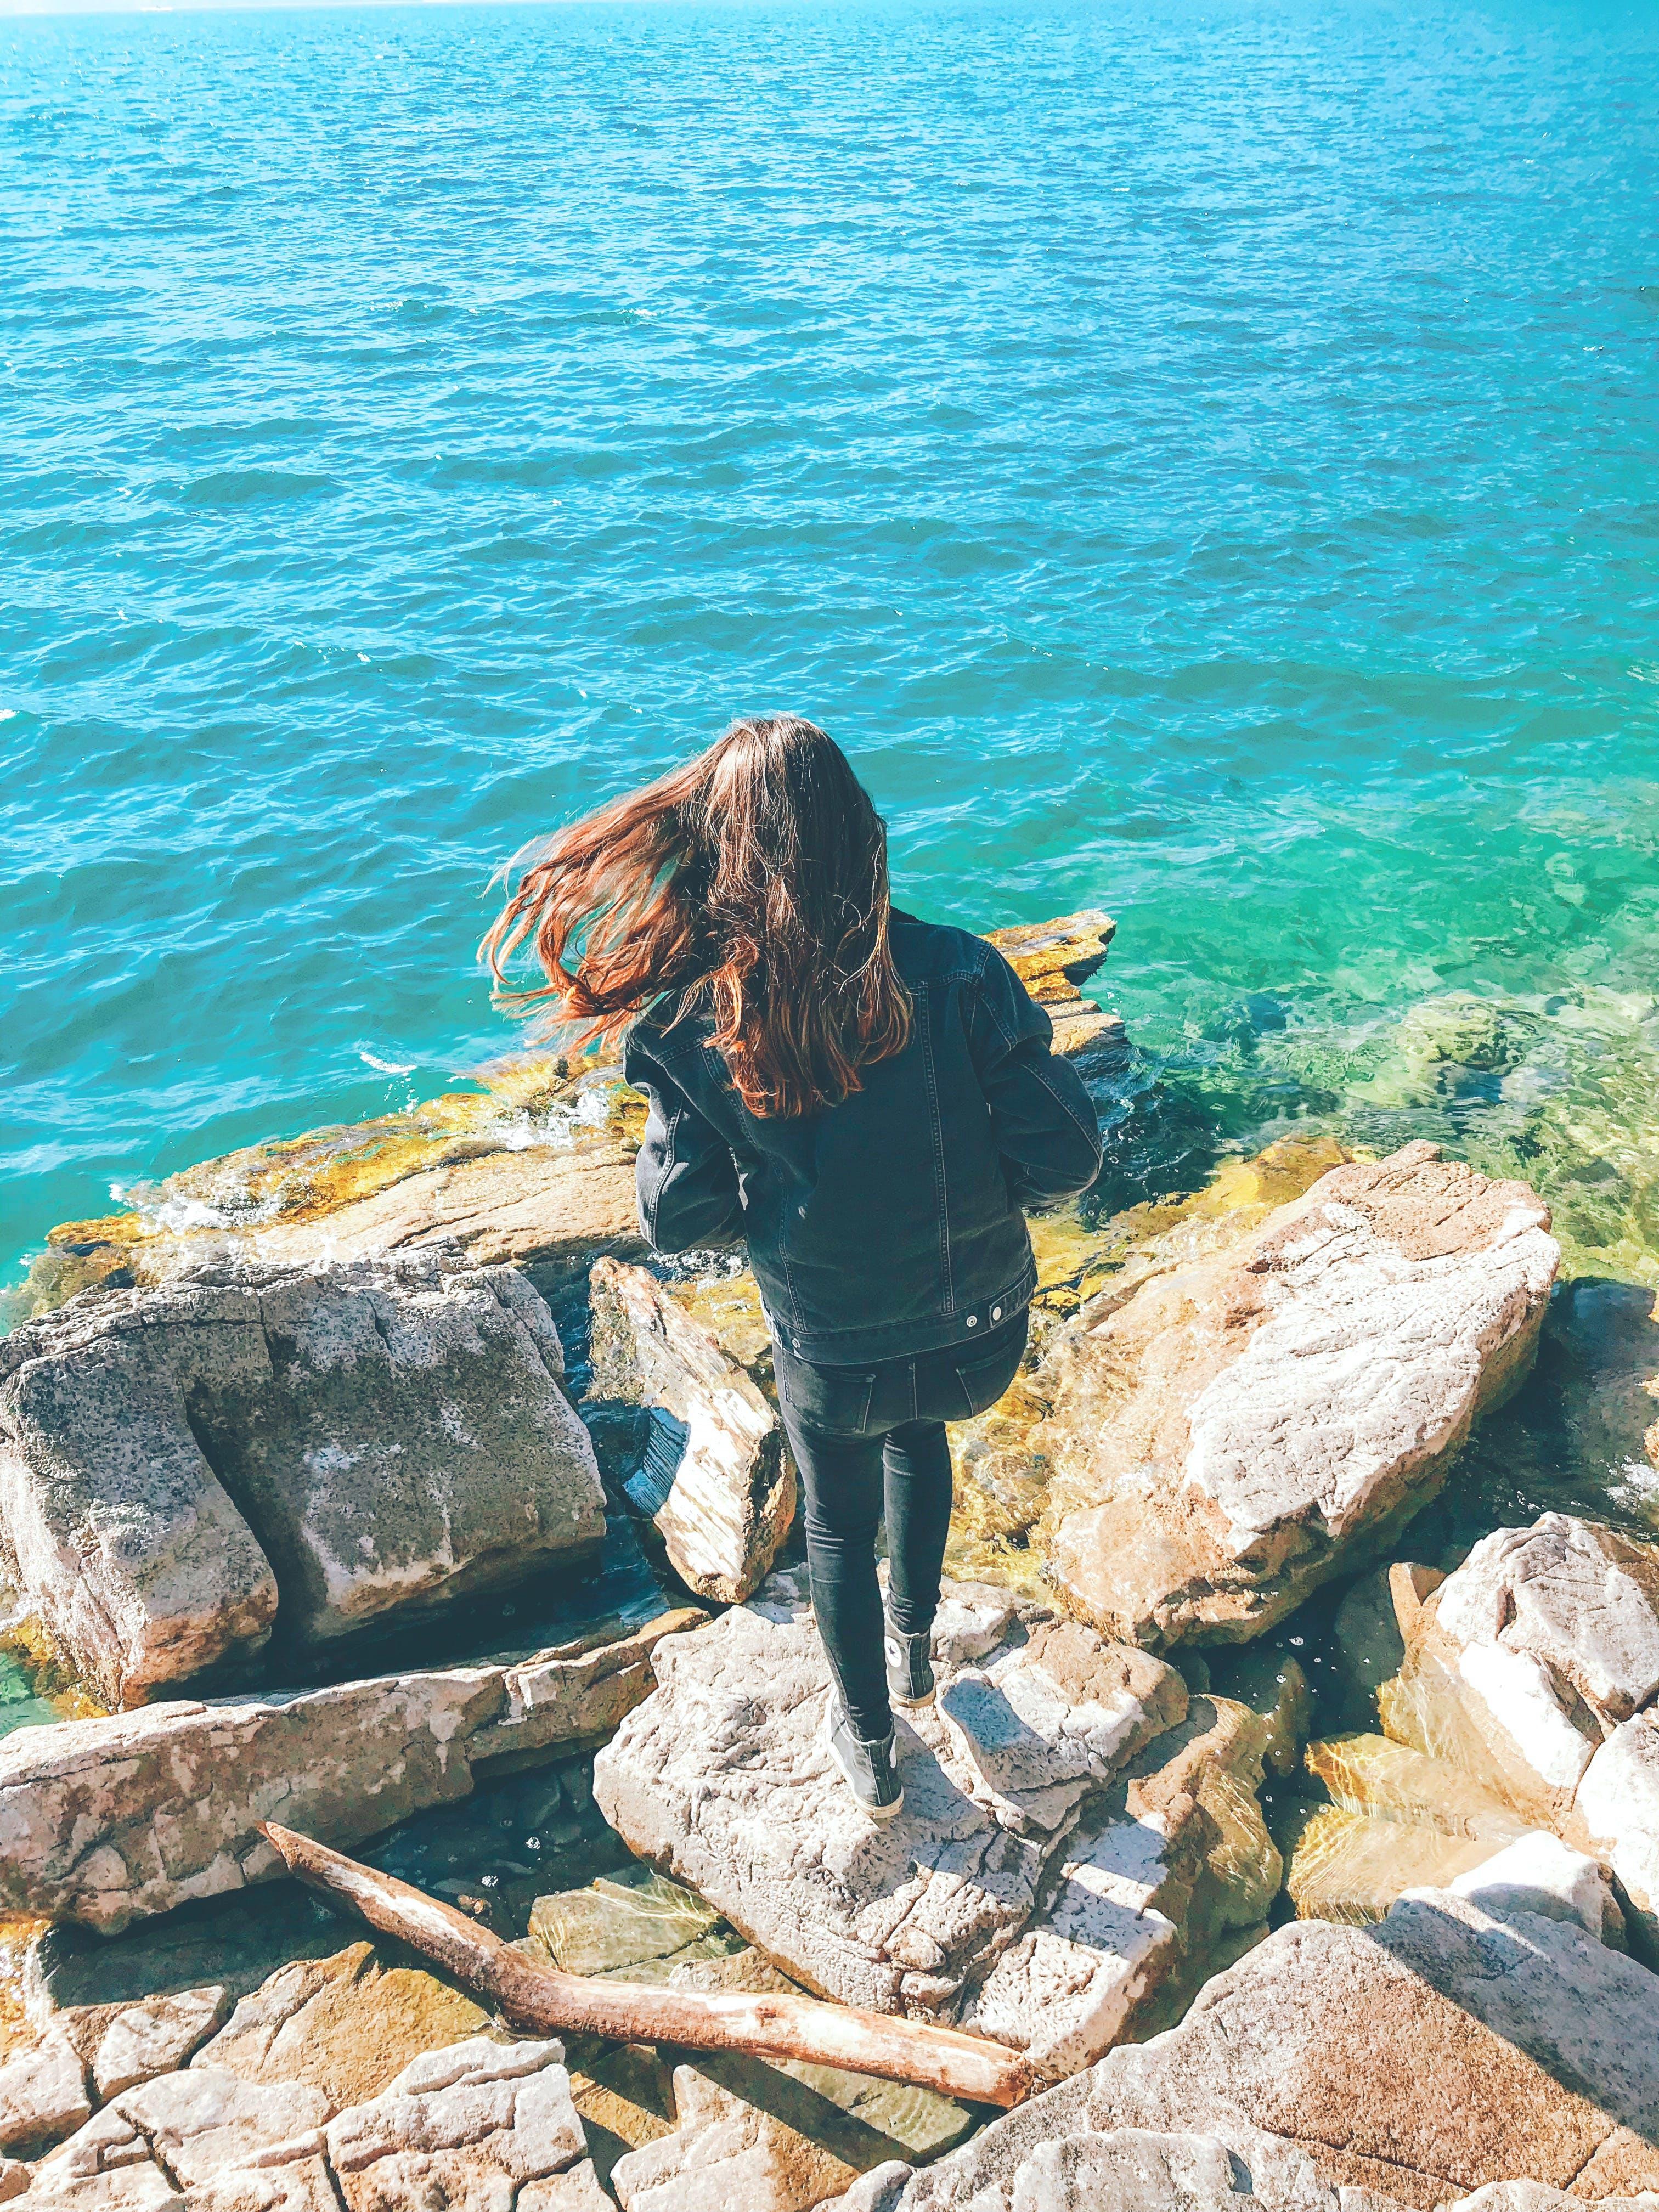 Woman Wearing Denim Jacket Standing on Rock Near Body of Water